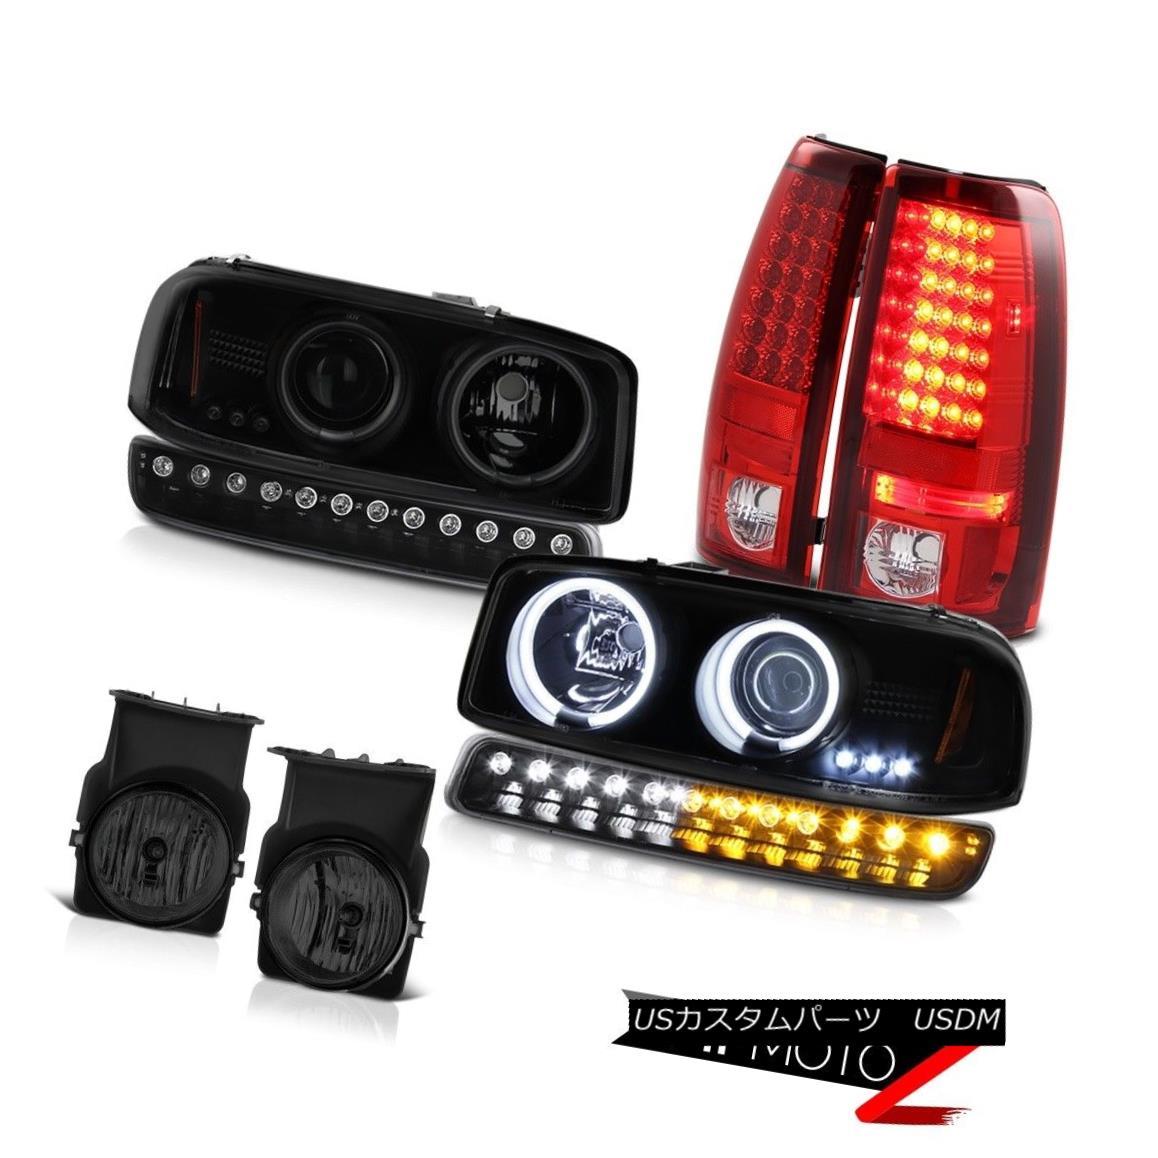 テールライト 03-06 Sierra 6.6L Foglamps rear brake lights turn signal dark tinted headlamps 03-06シエラ6.6Lフォグランプのリアブレーキライトは、暗い色のヘッドライトを点灯させる